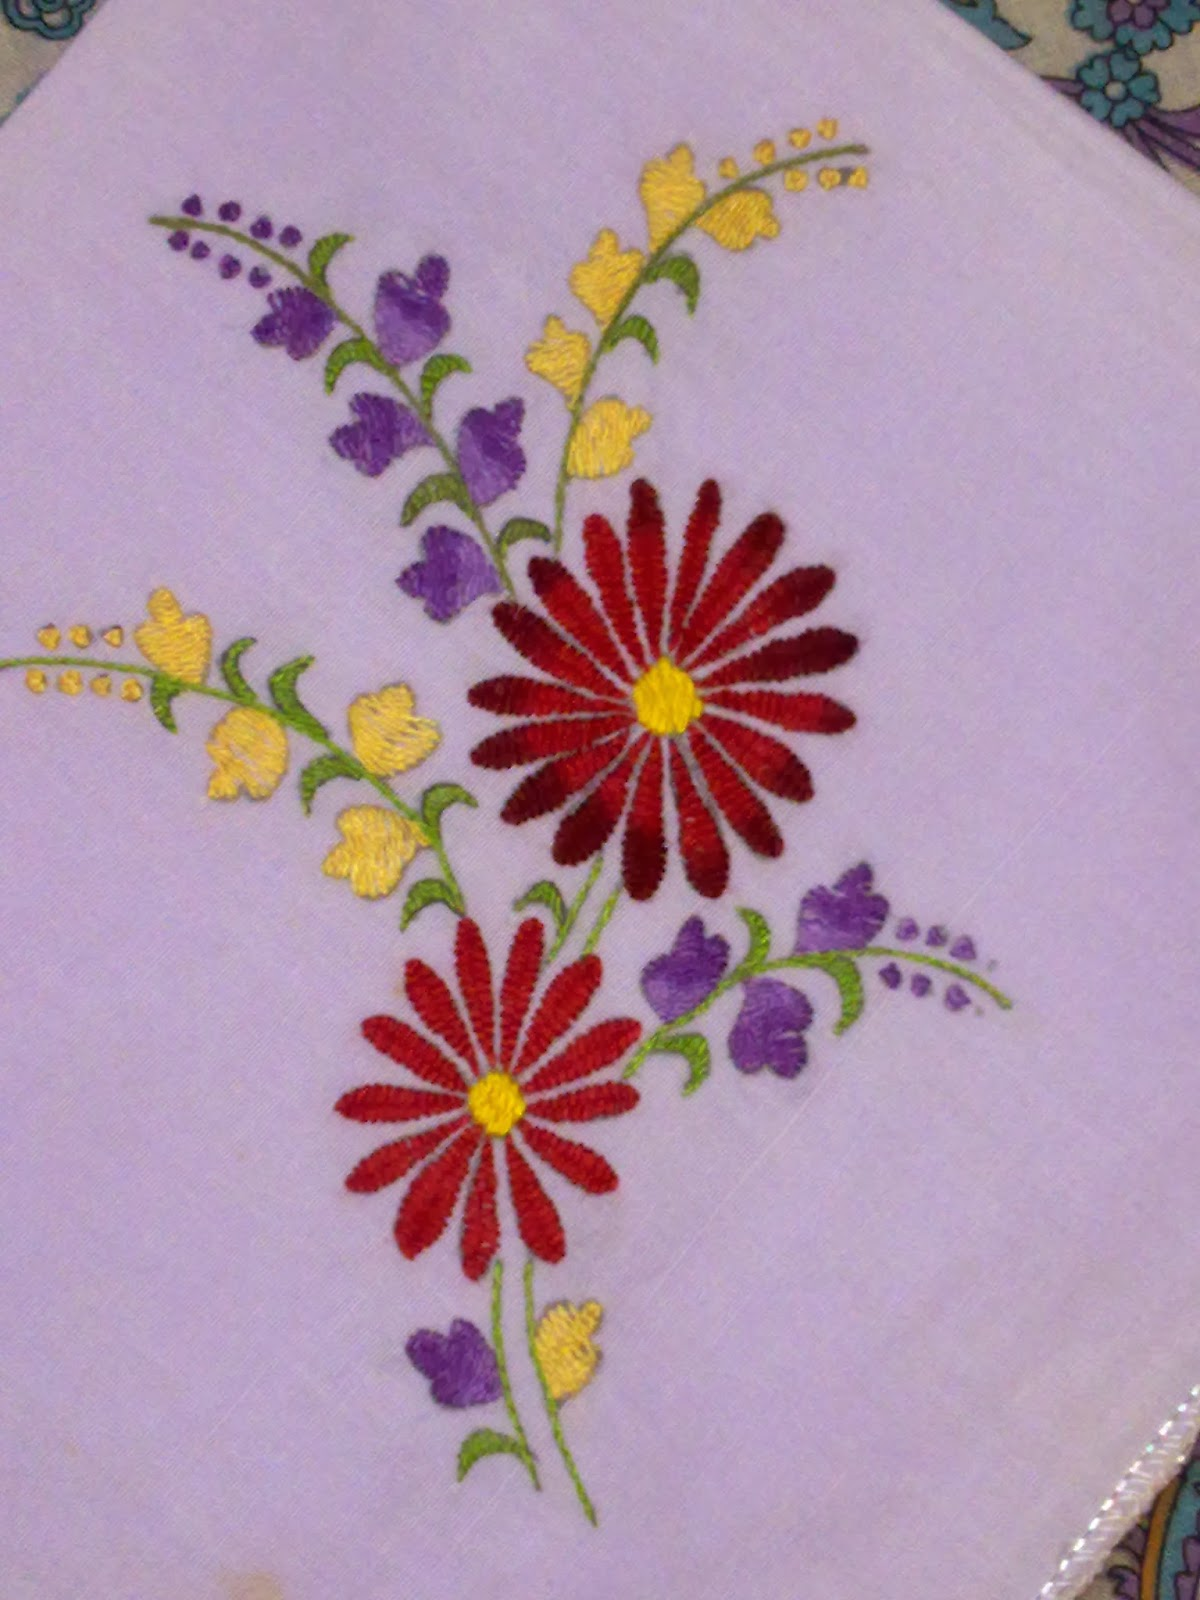 Arttycraft by indu hand embroidered napkin